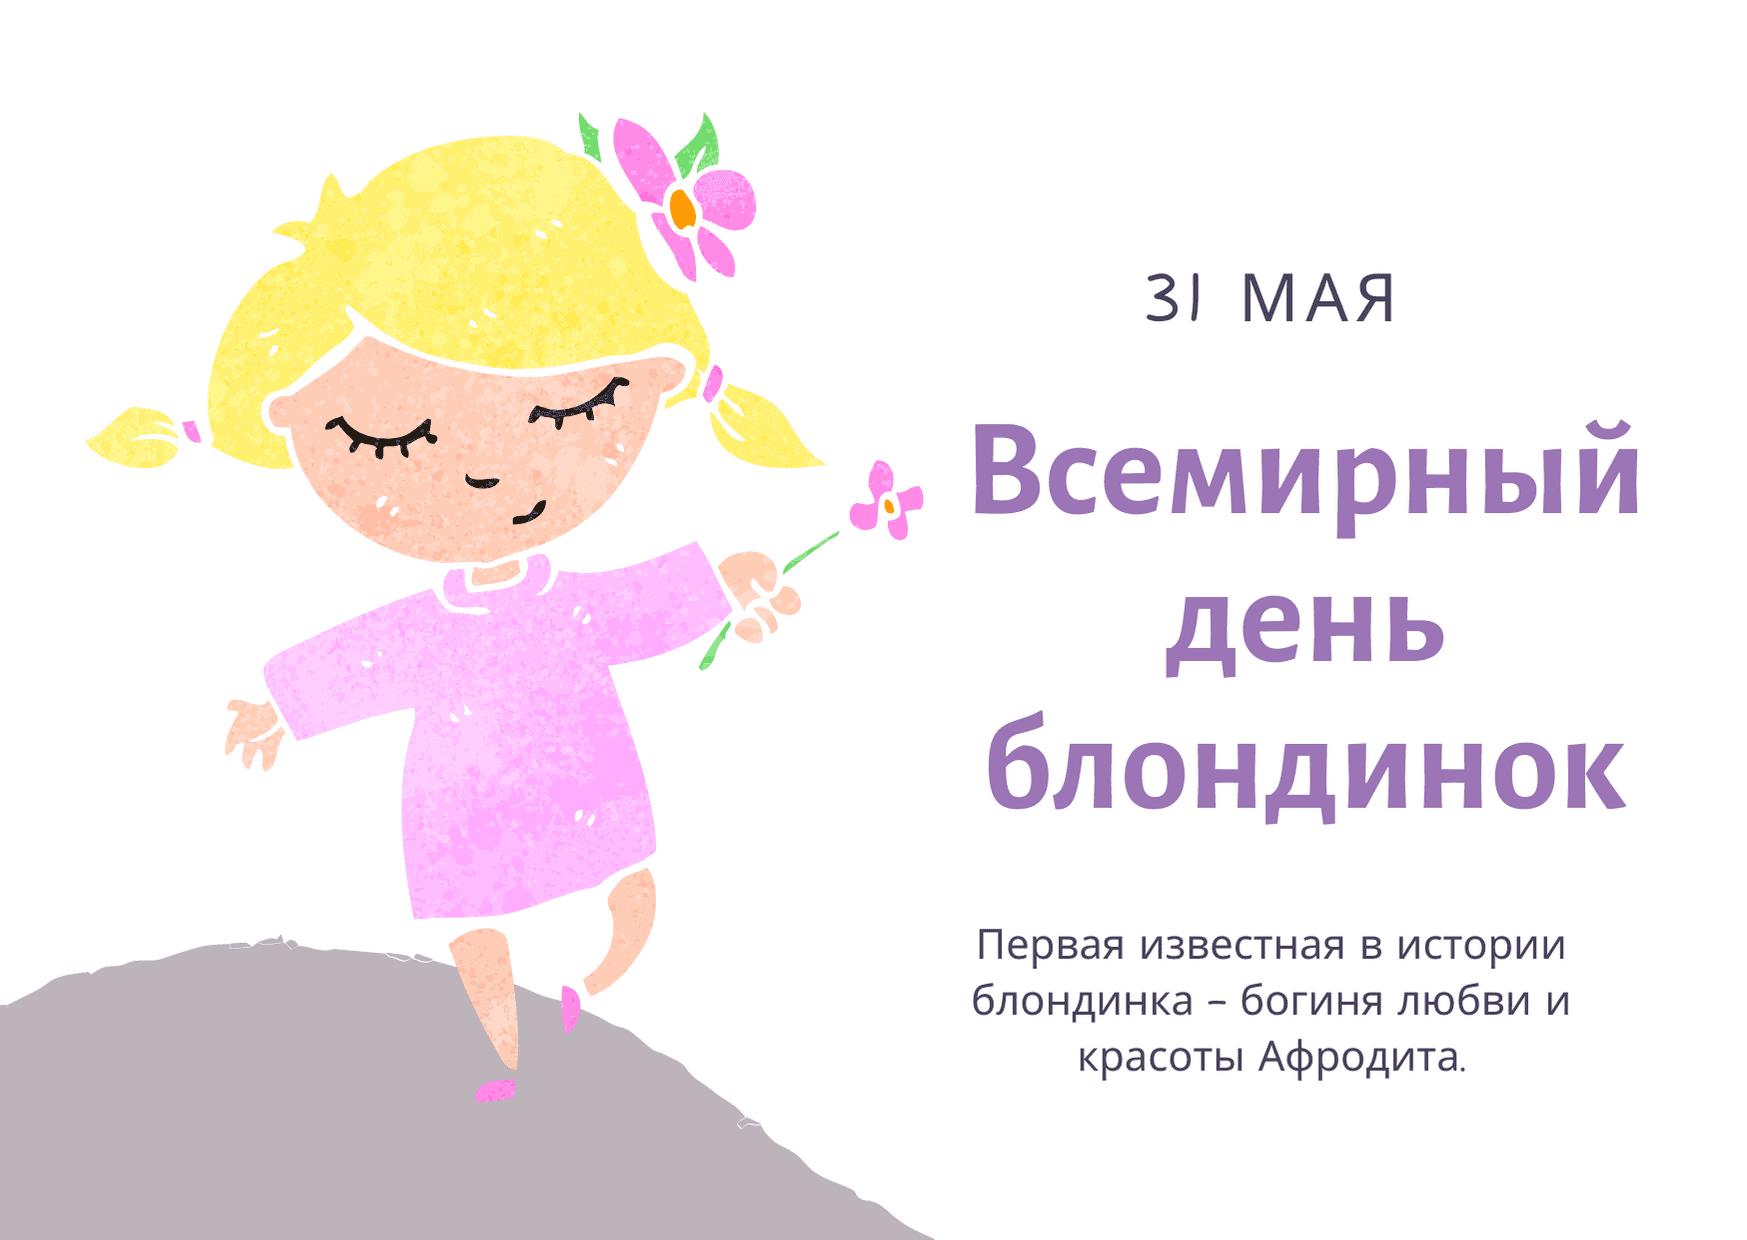 Всемирный день блондинок. 31 мая